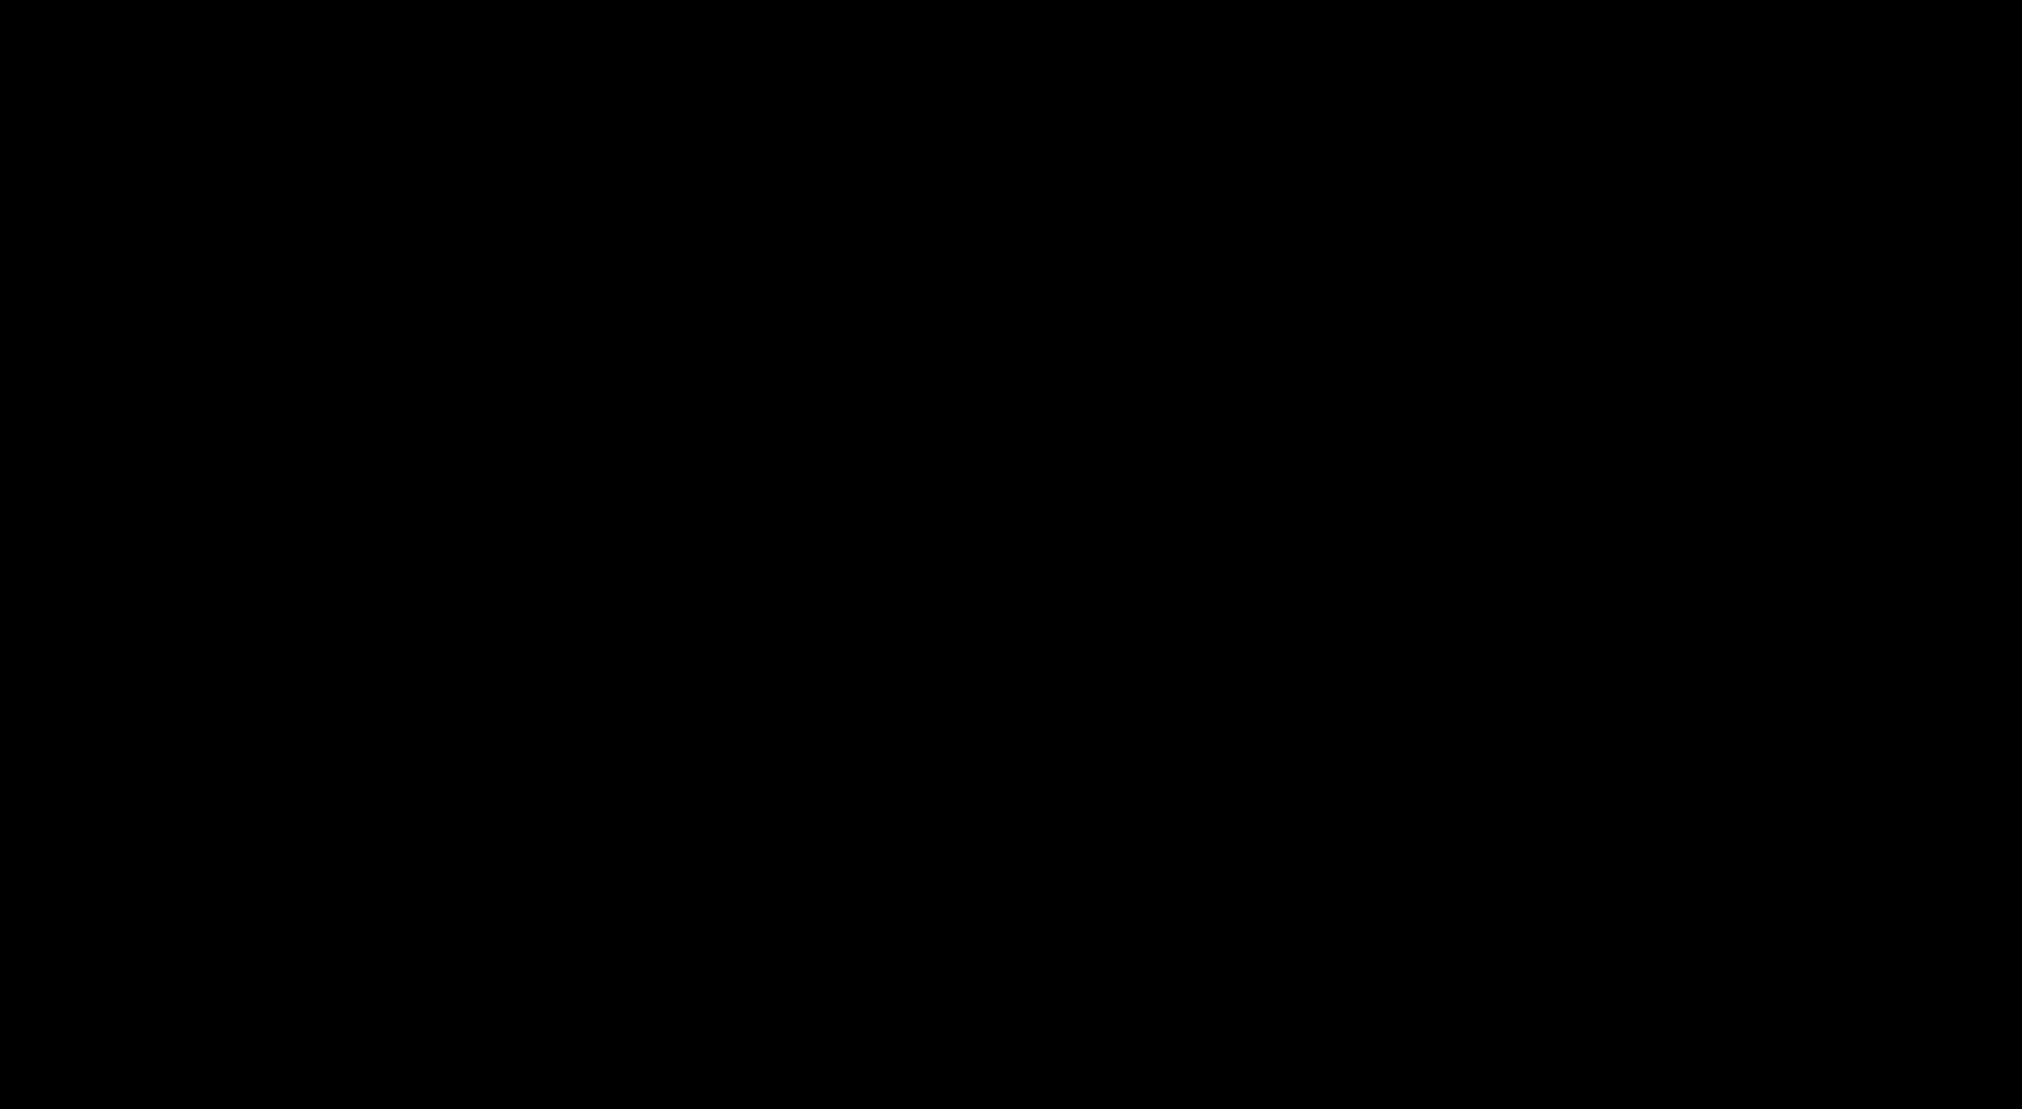 N-(4-Fluorophenylpyrazole)curcumin